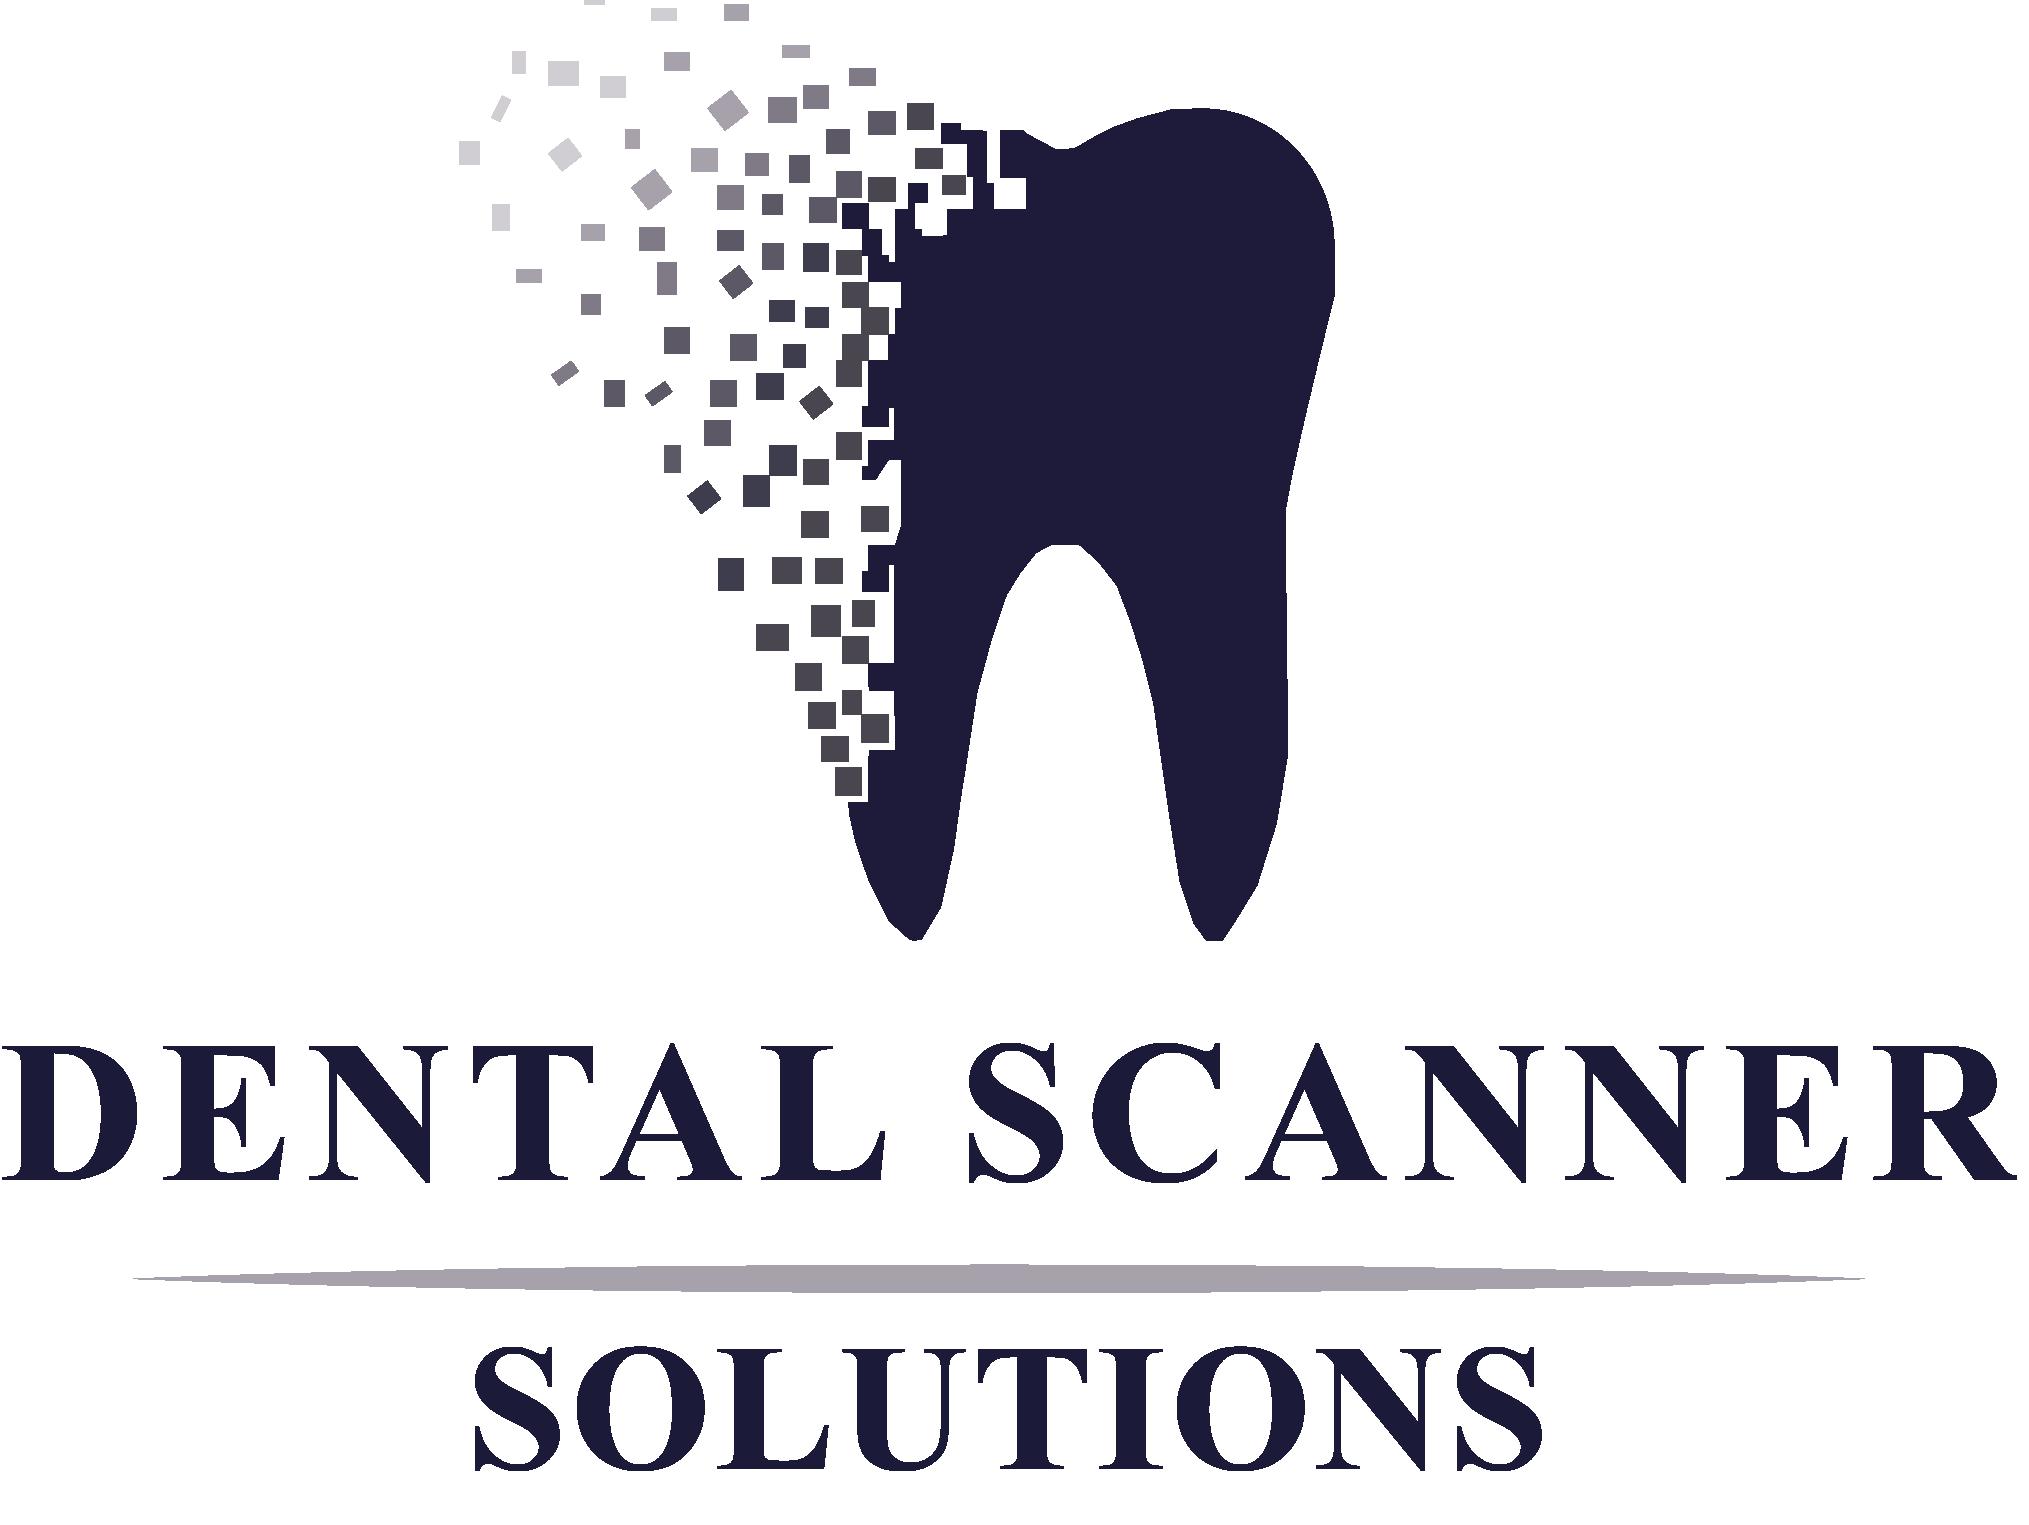 Dental Scanner Solutions